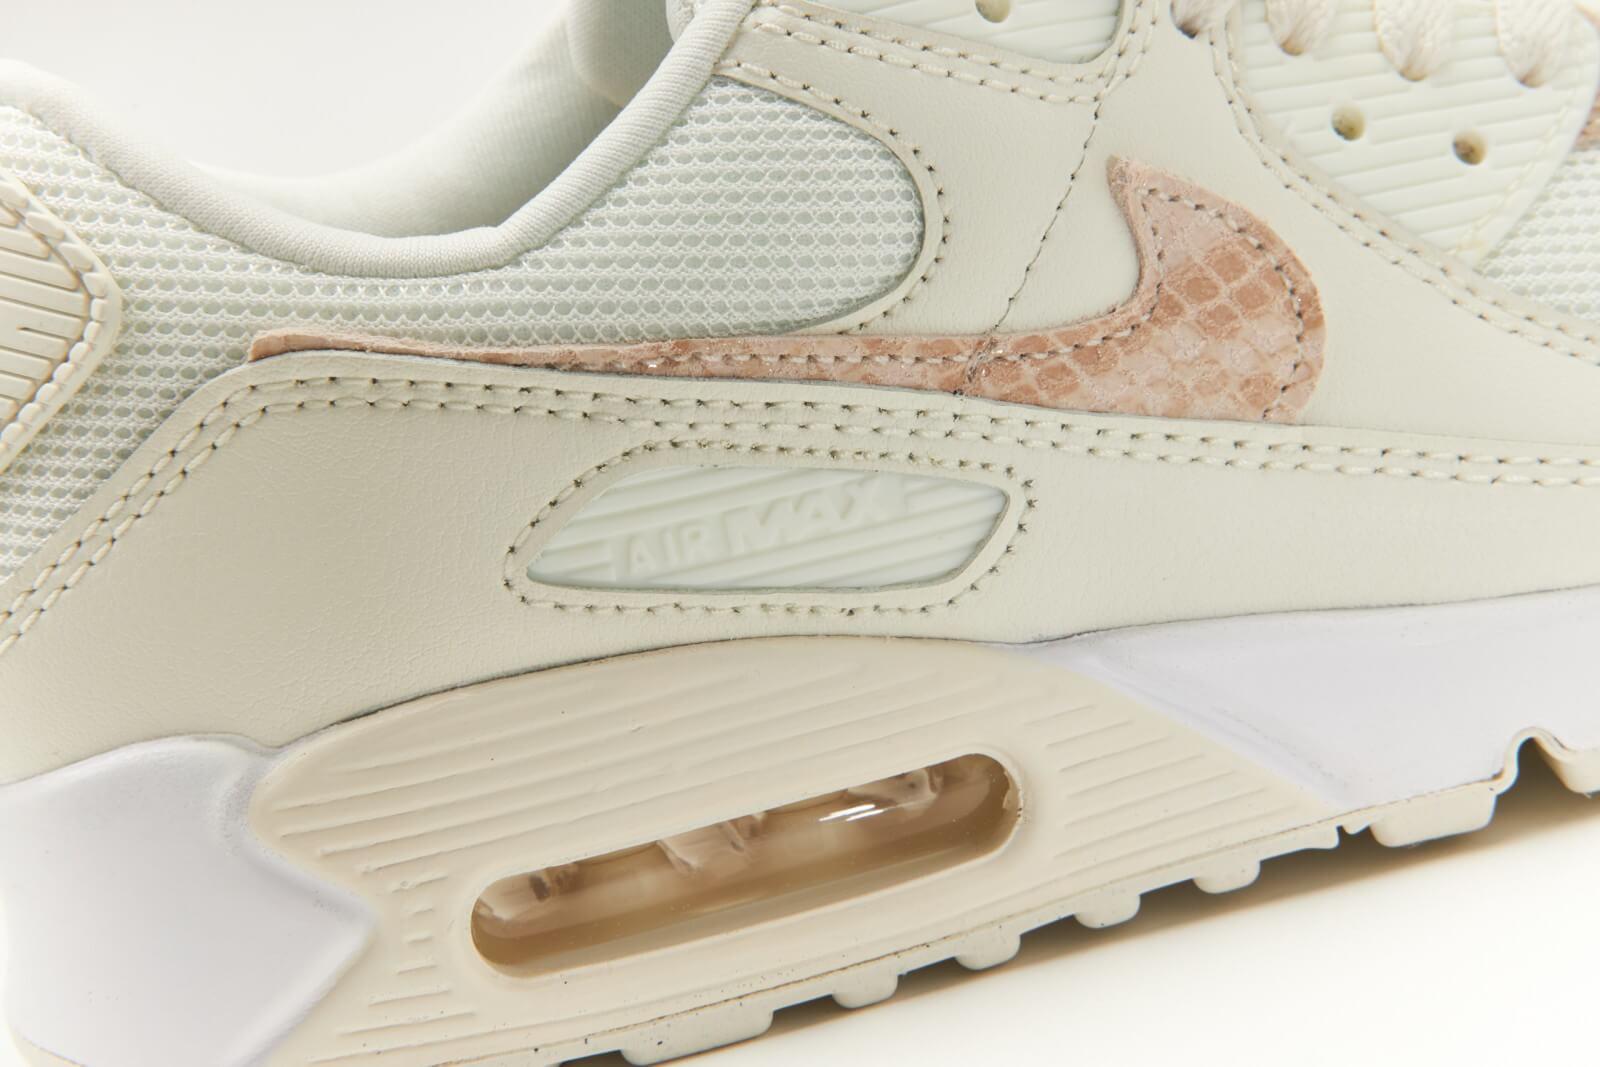 Nike Women's Air Max 90 Python Print Sail/Particle Beige